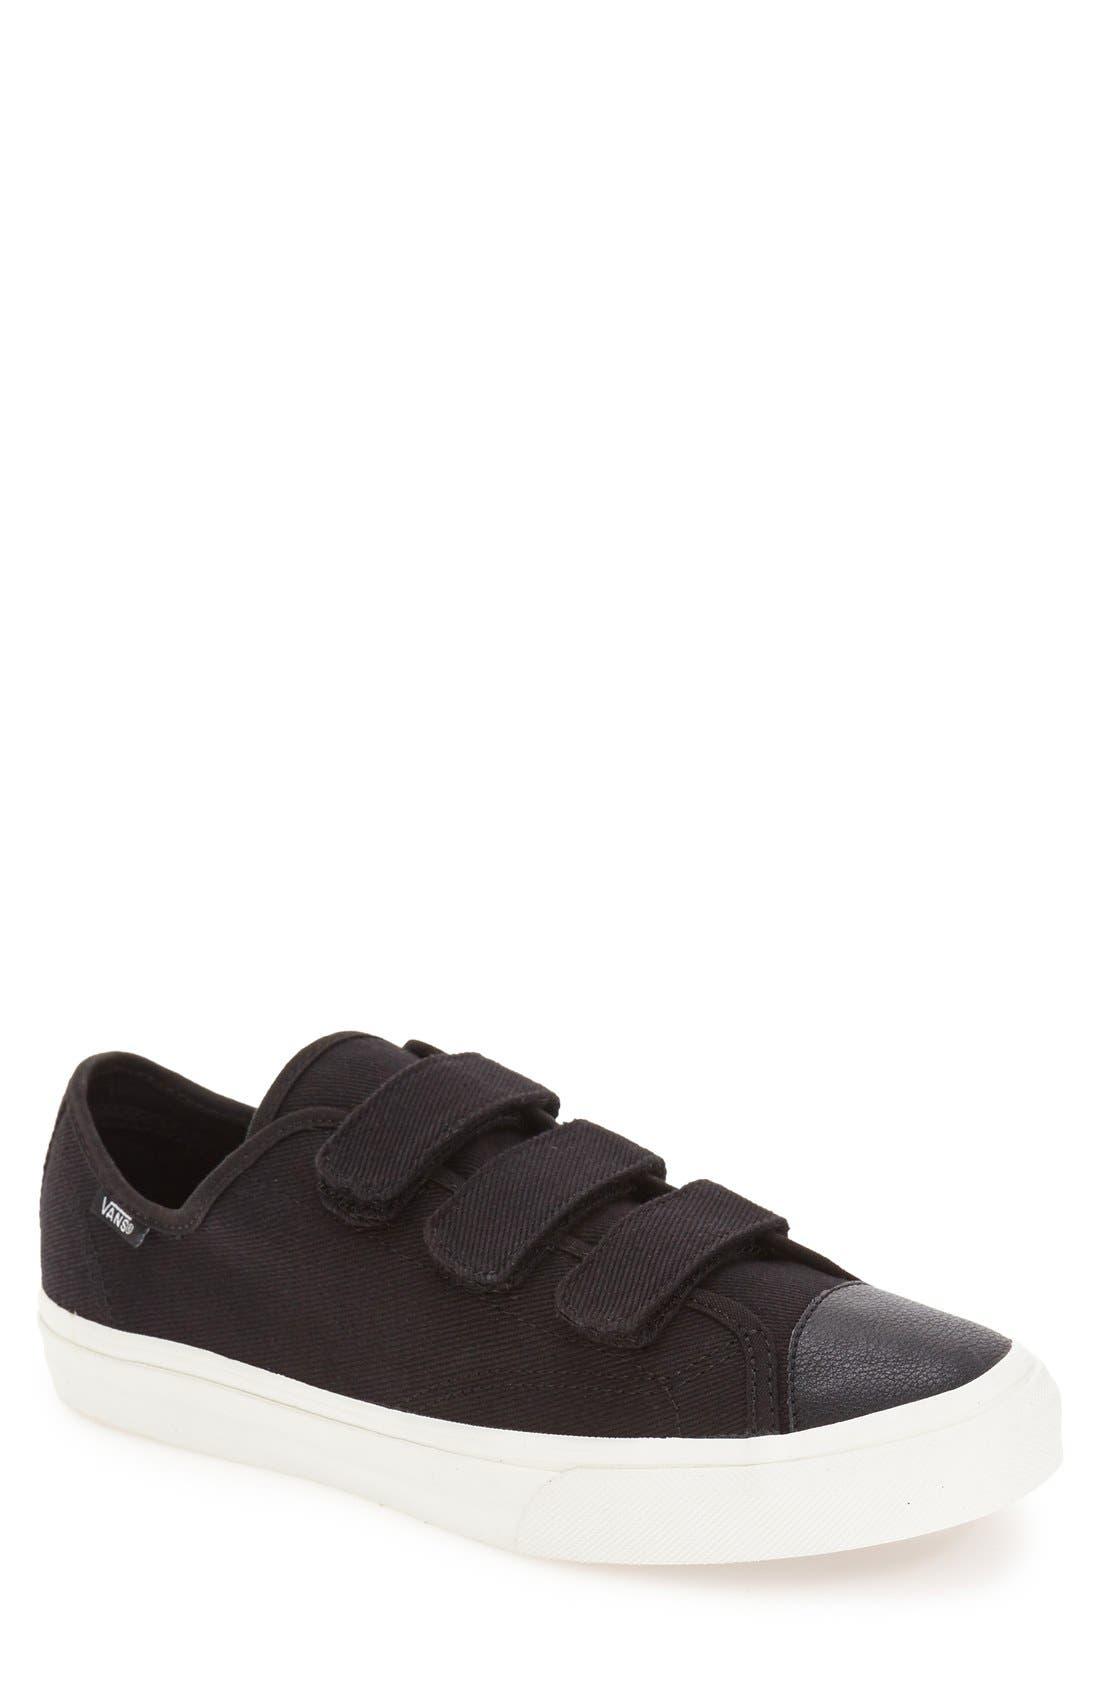 'Prison Issue' Sneaker, Main, color, 001